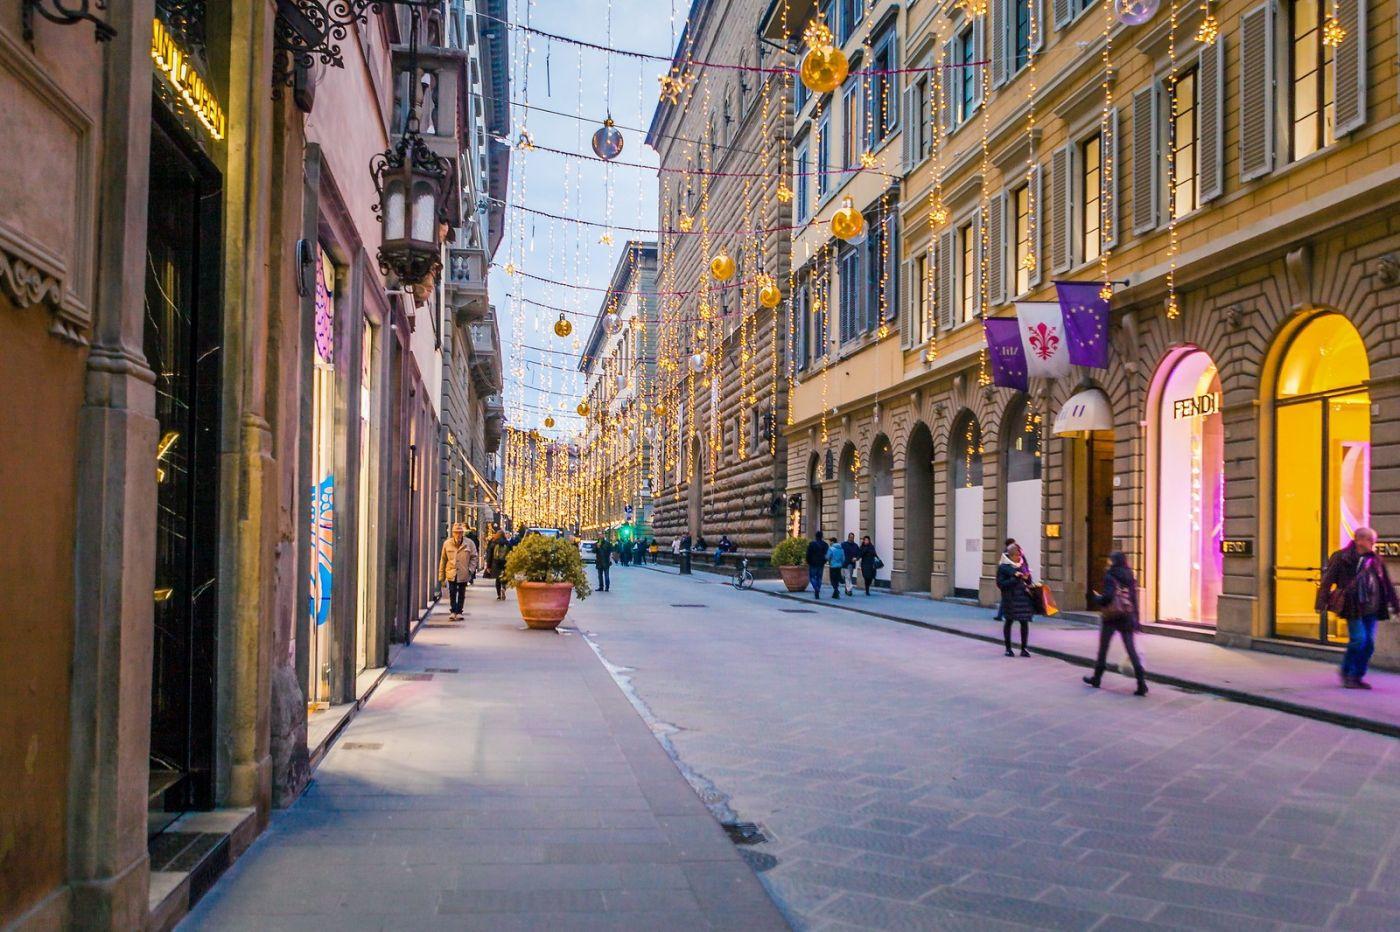 意大利佛罗伦萨(Florence),小街文化_图1-29